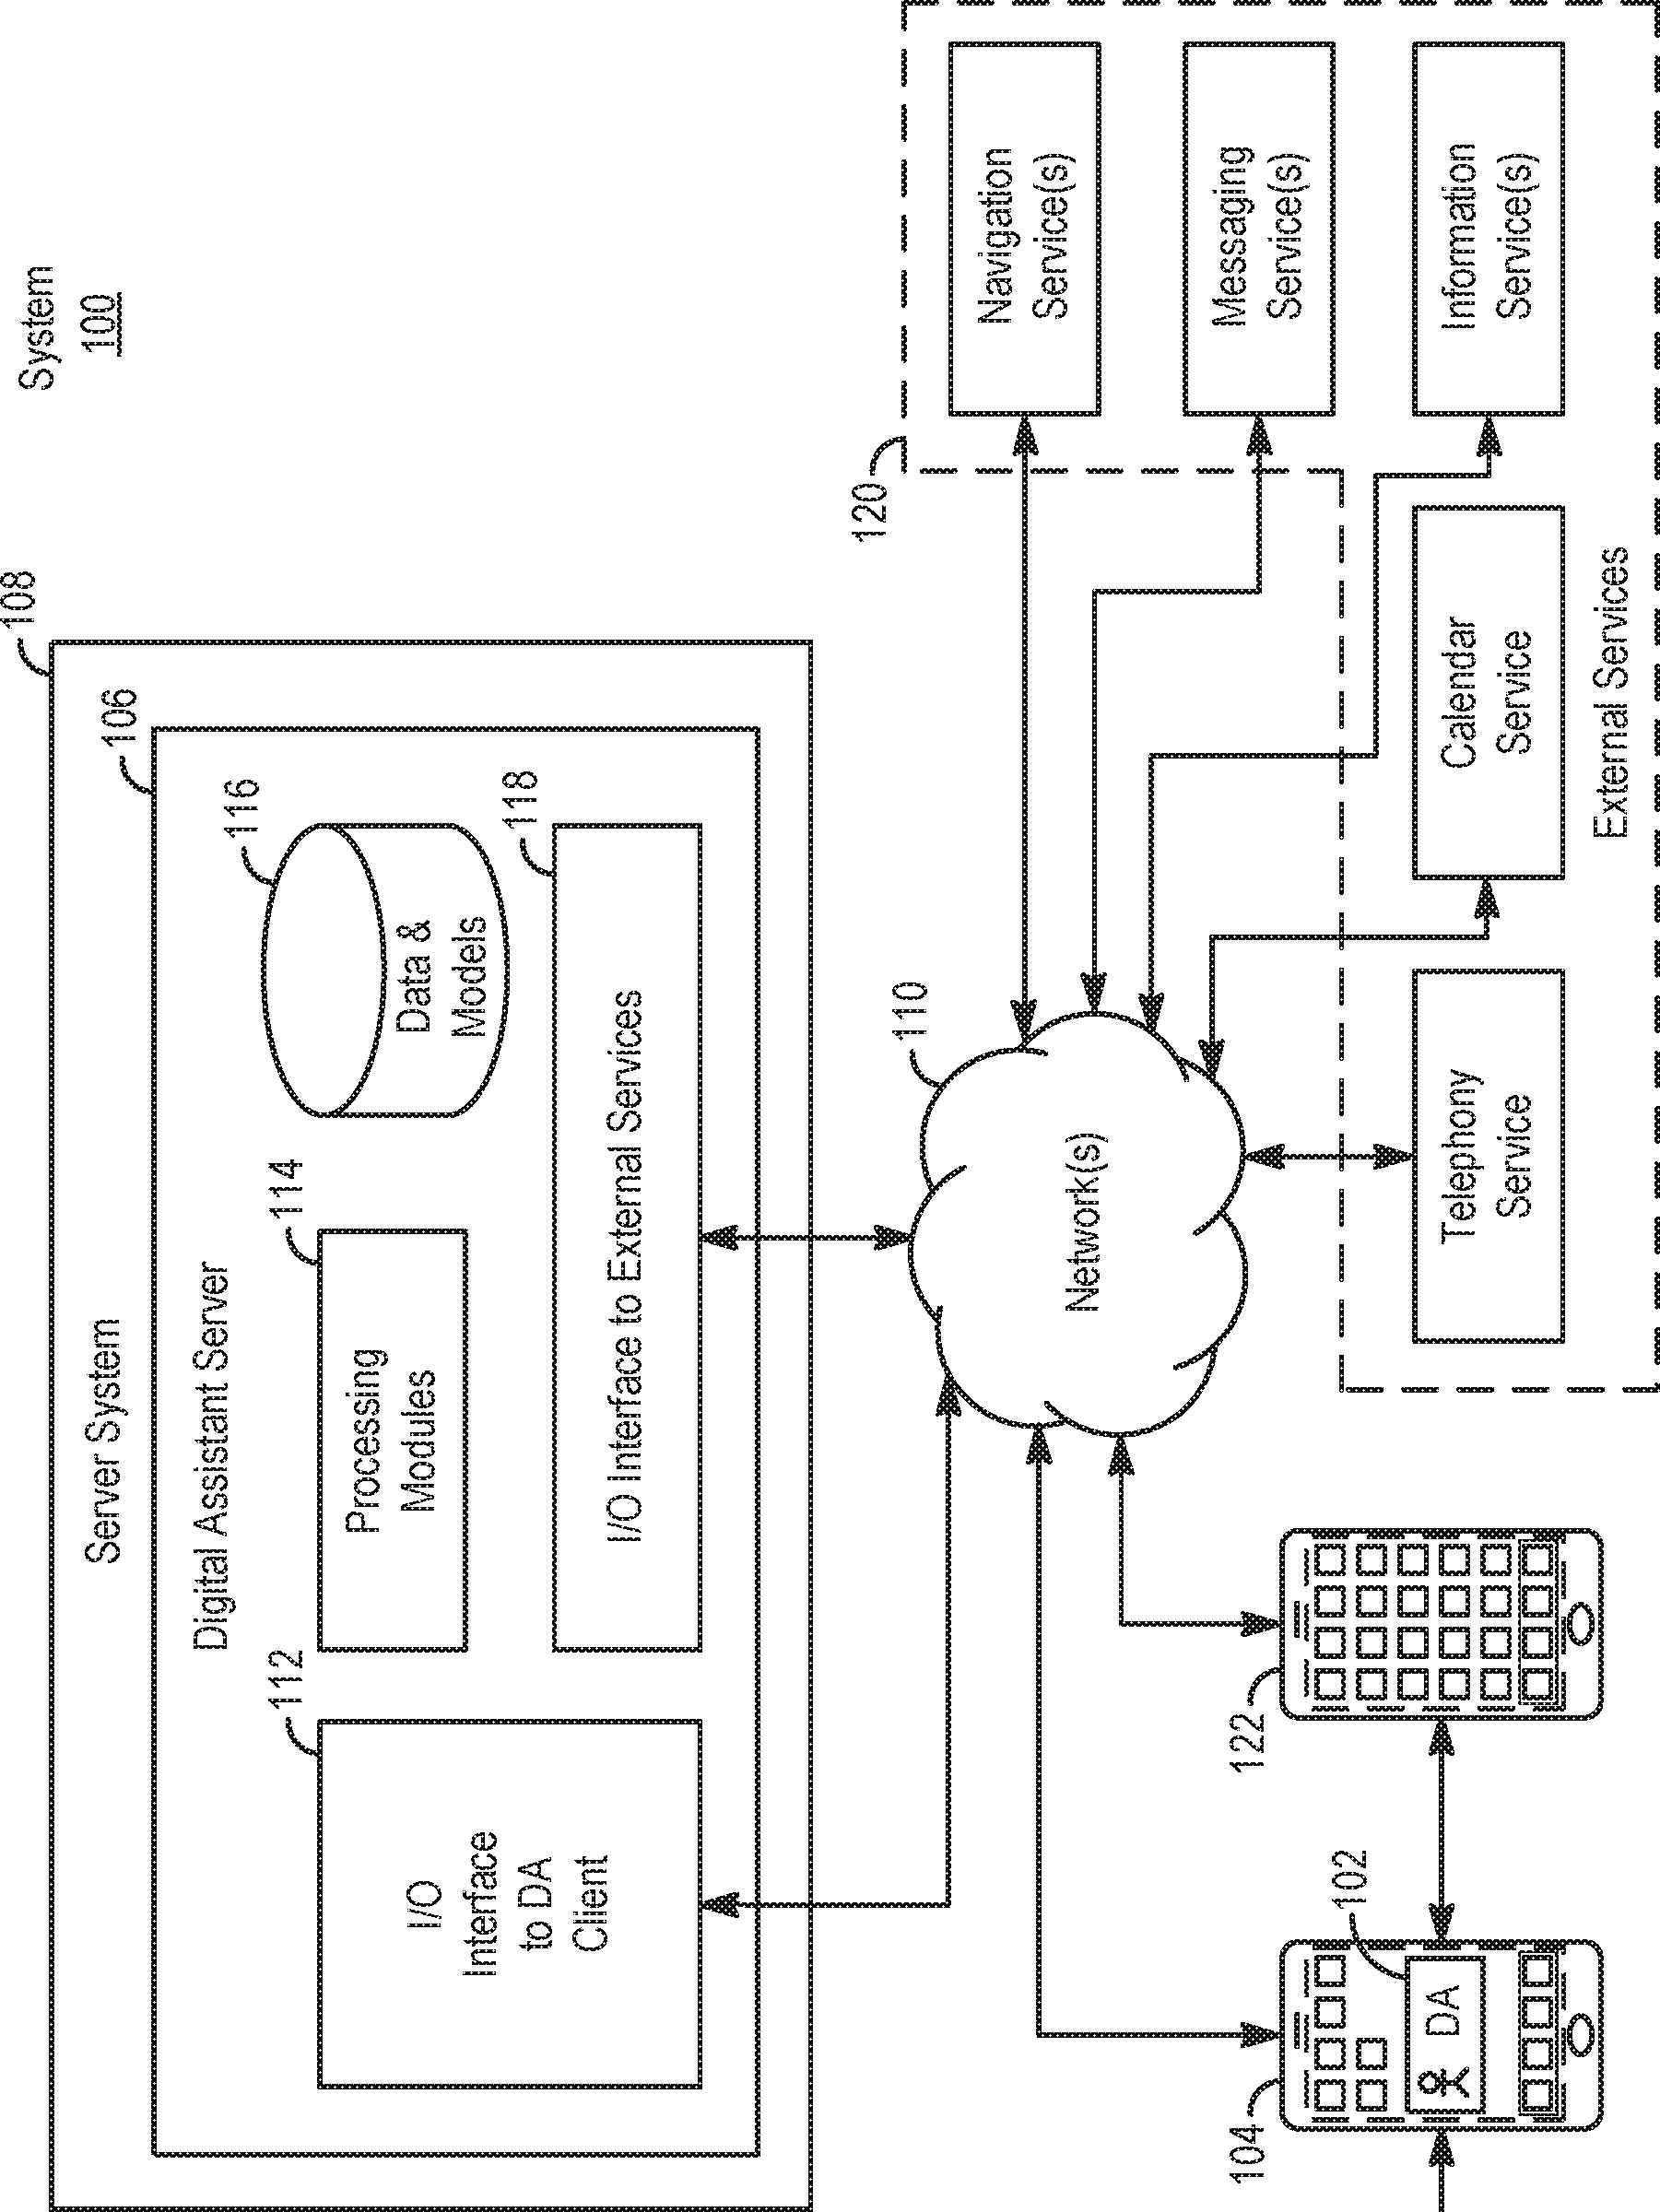 Figure DK201770383A1_C0001